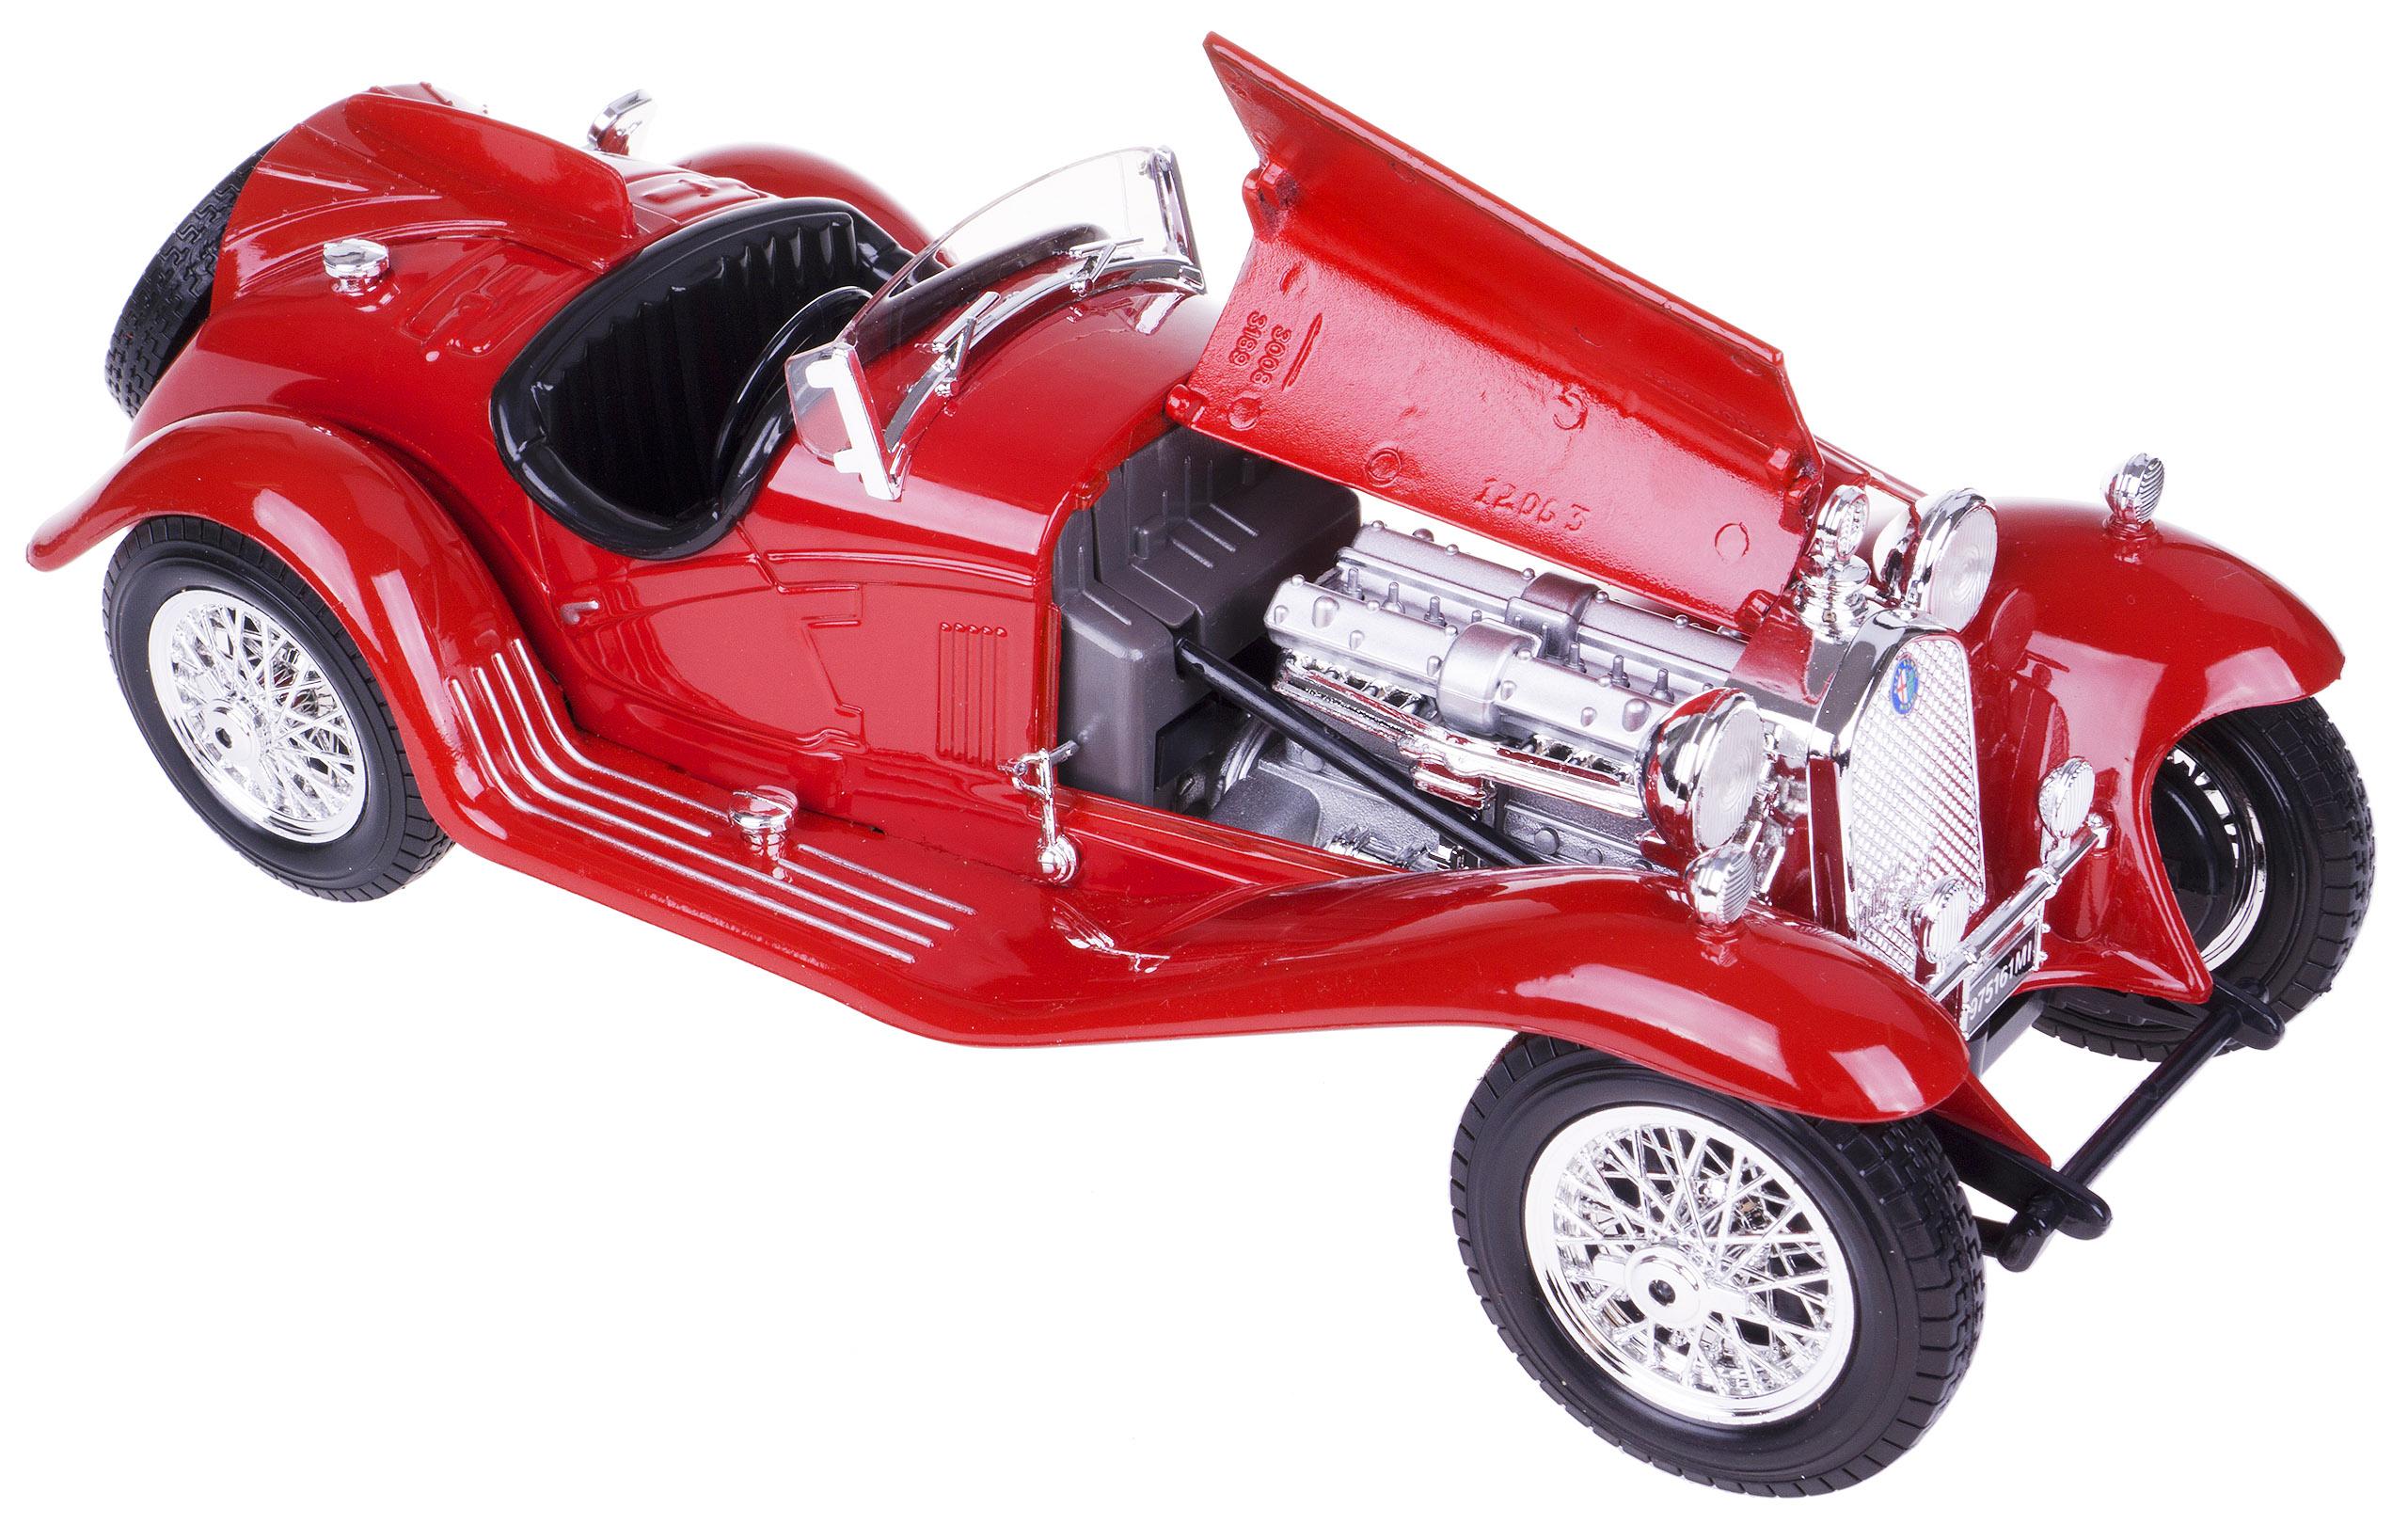 Alfa Romeo 8c 2300 Spider Model Metal Bburago 1 18 7273999856 Allegro Pl